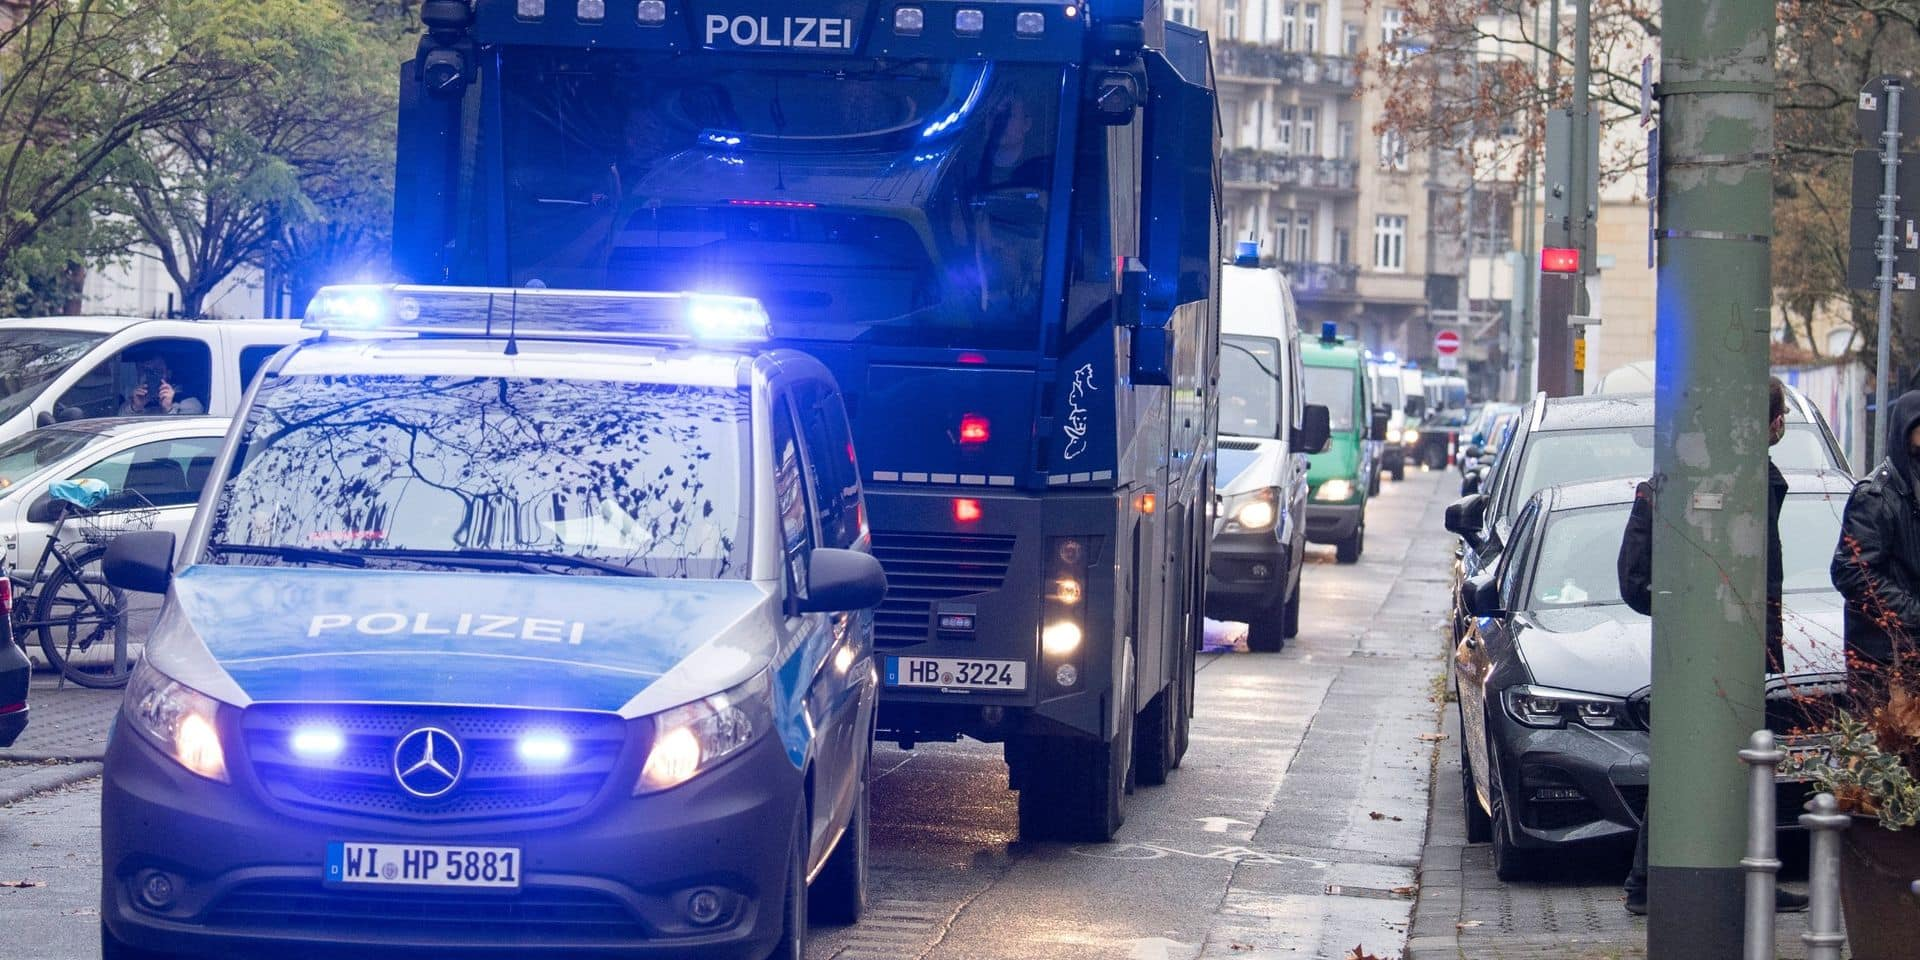 Allemagne: un mouvement opposé au confinement dans l'œil des services de renseignement